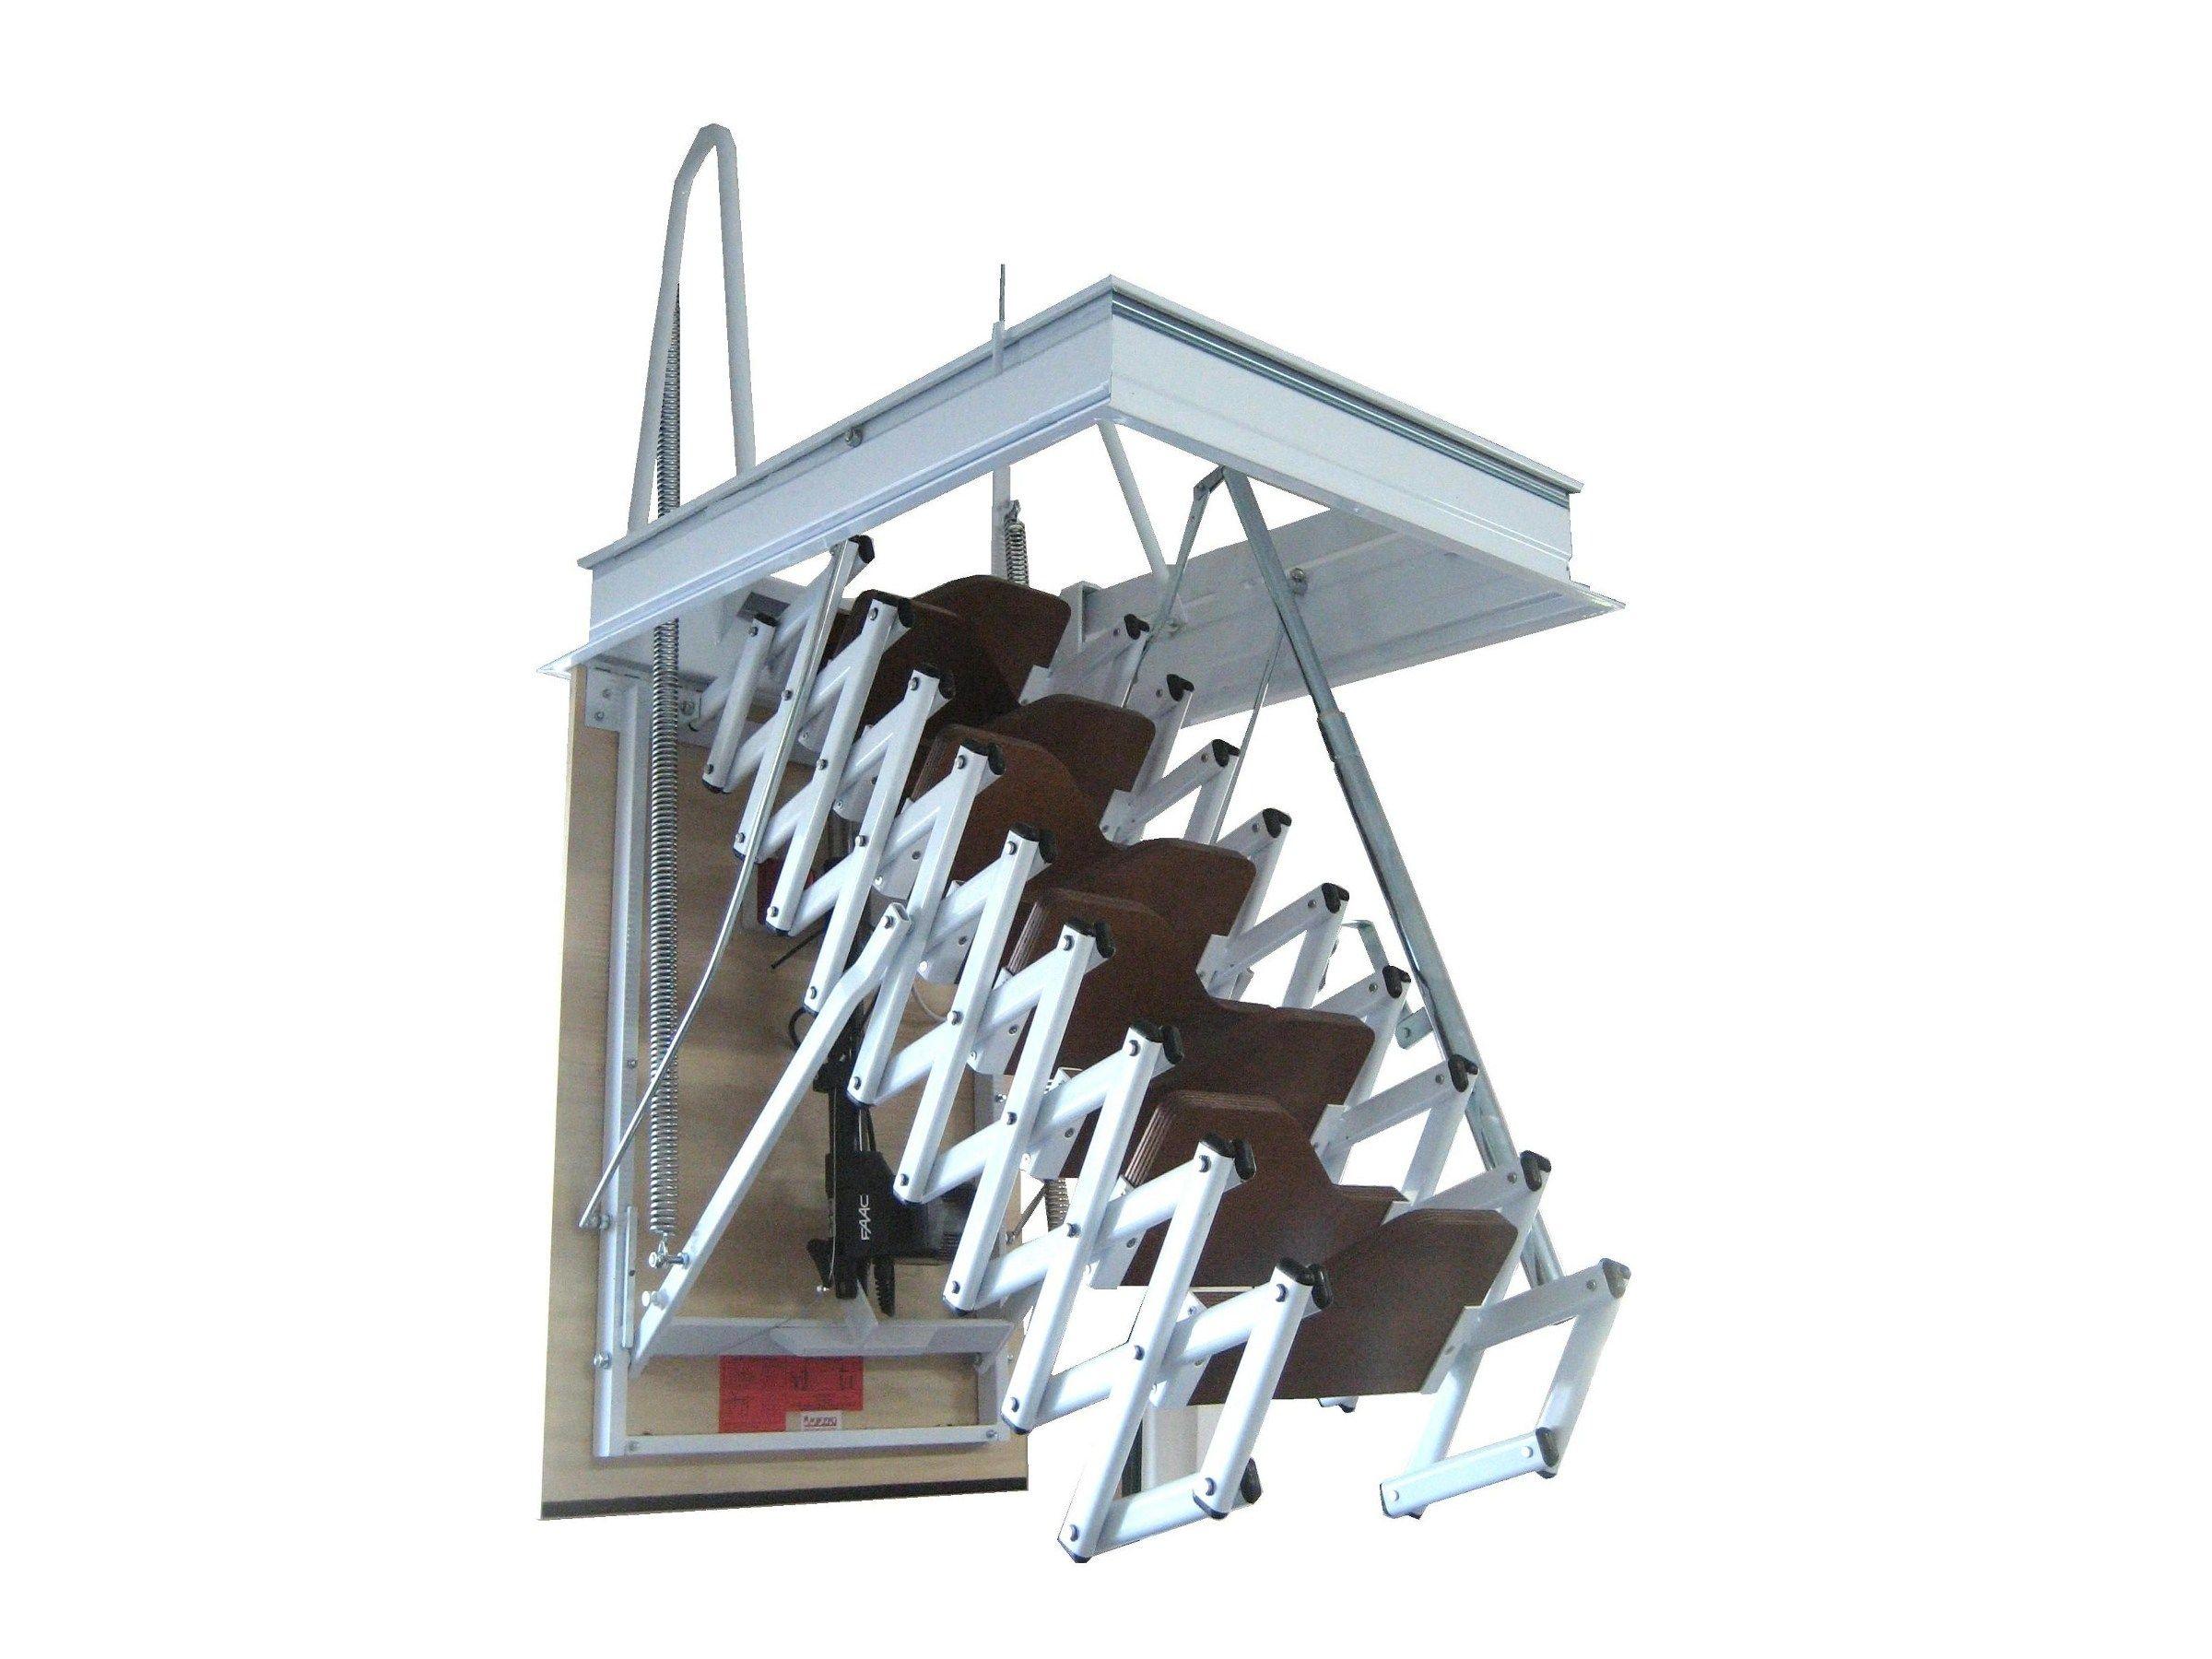 Escalier escamotable motorisé en acier STARLUX ELEGANT by